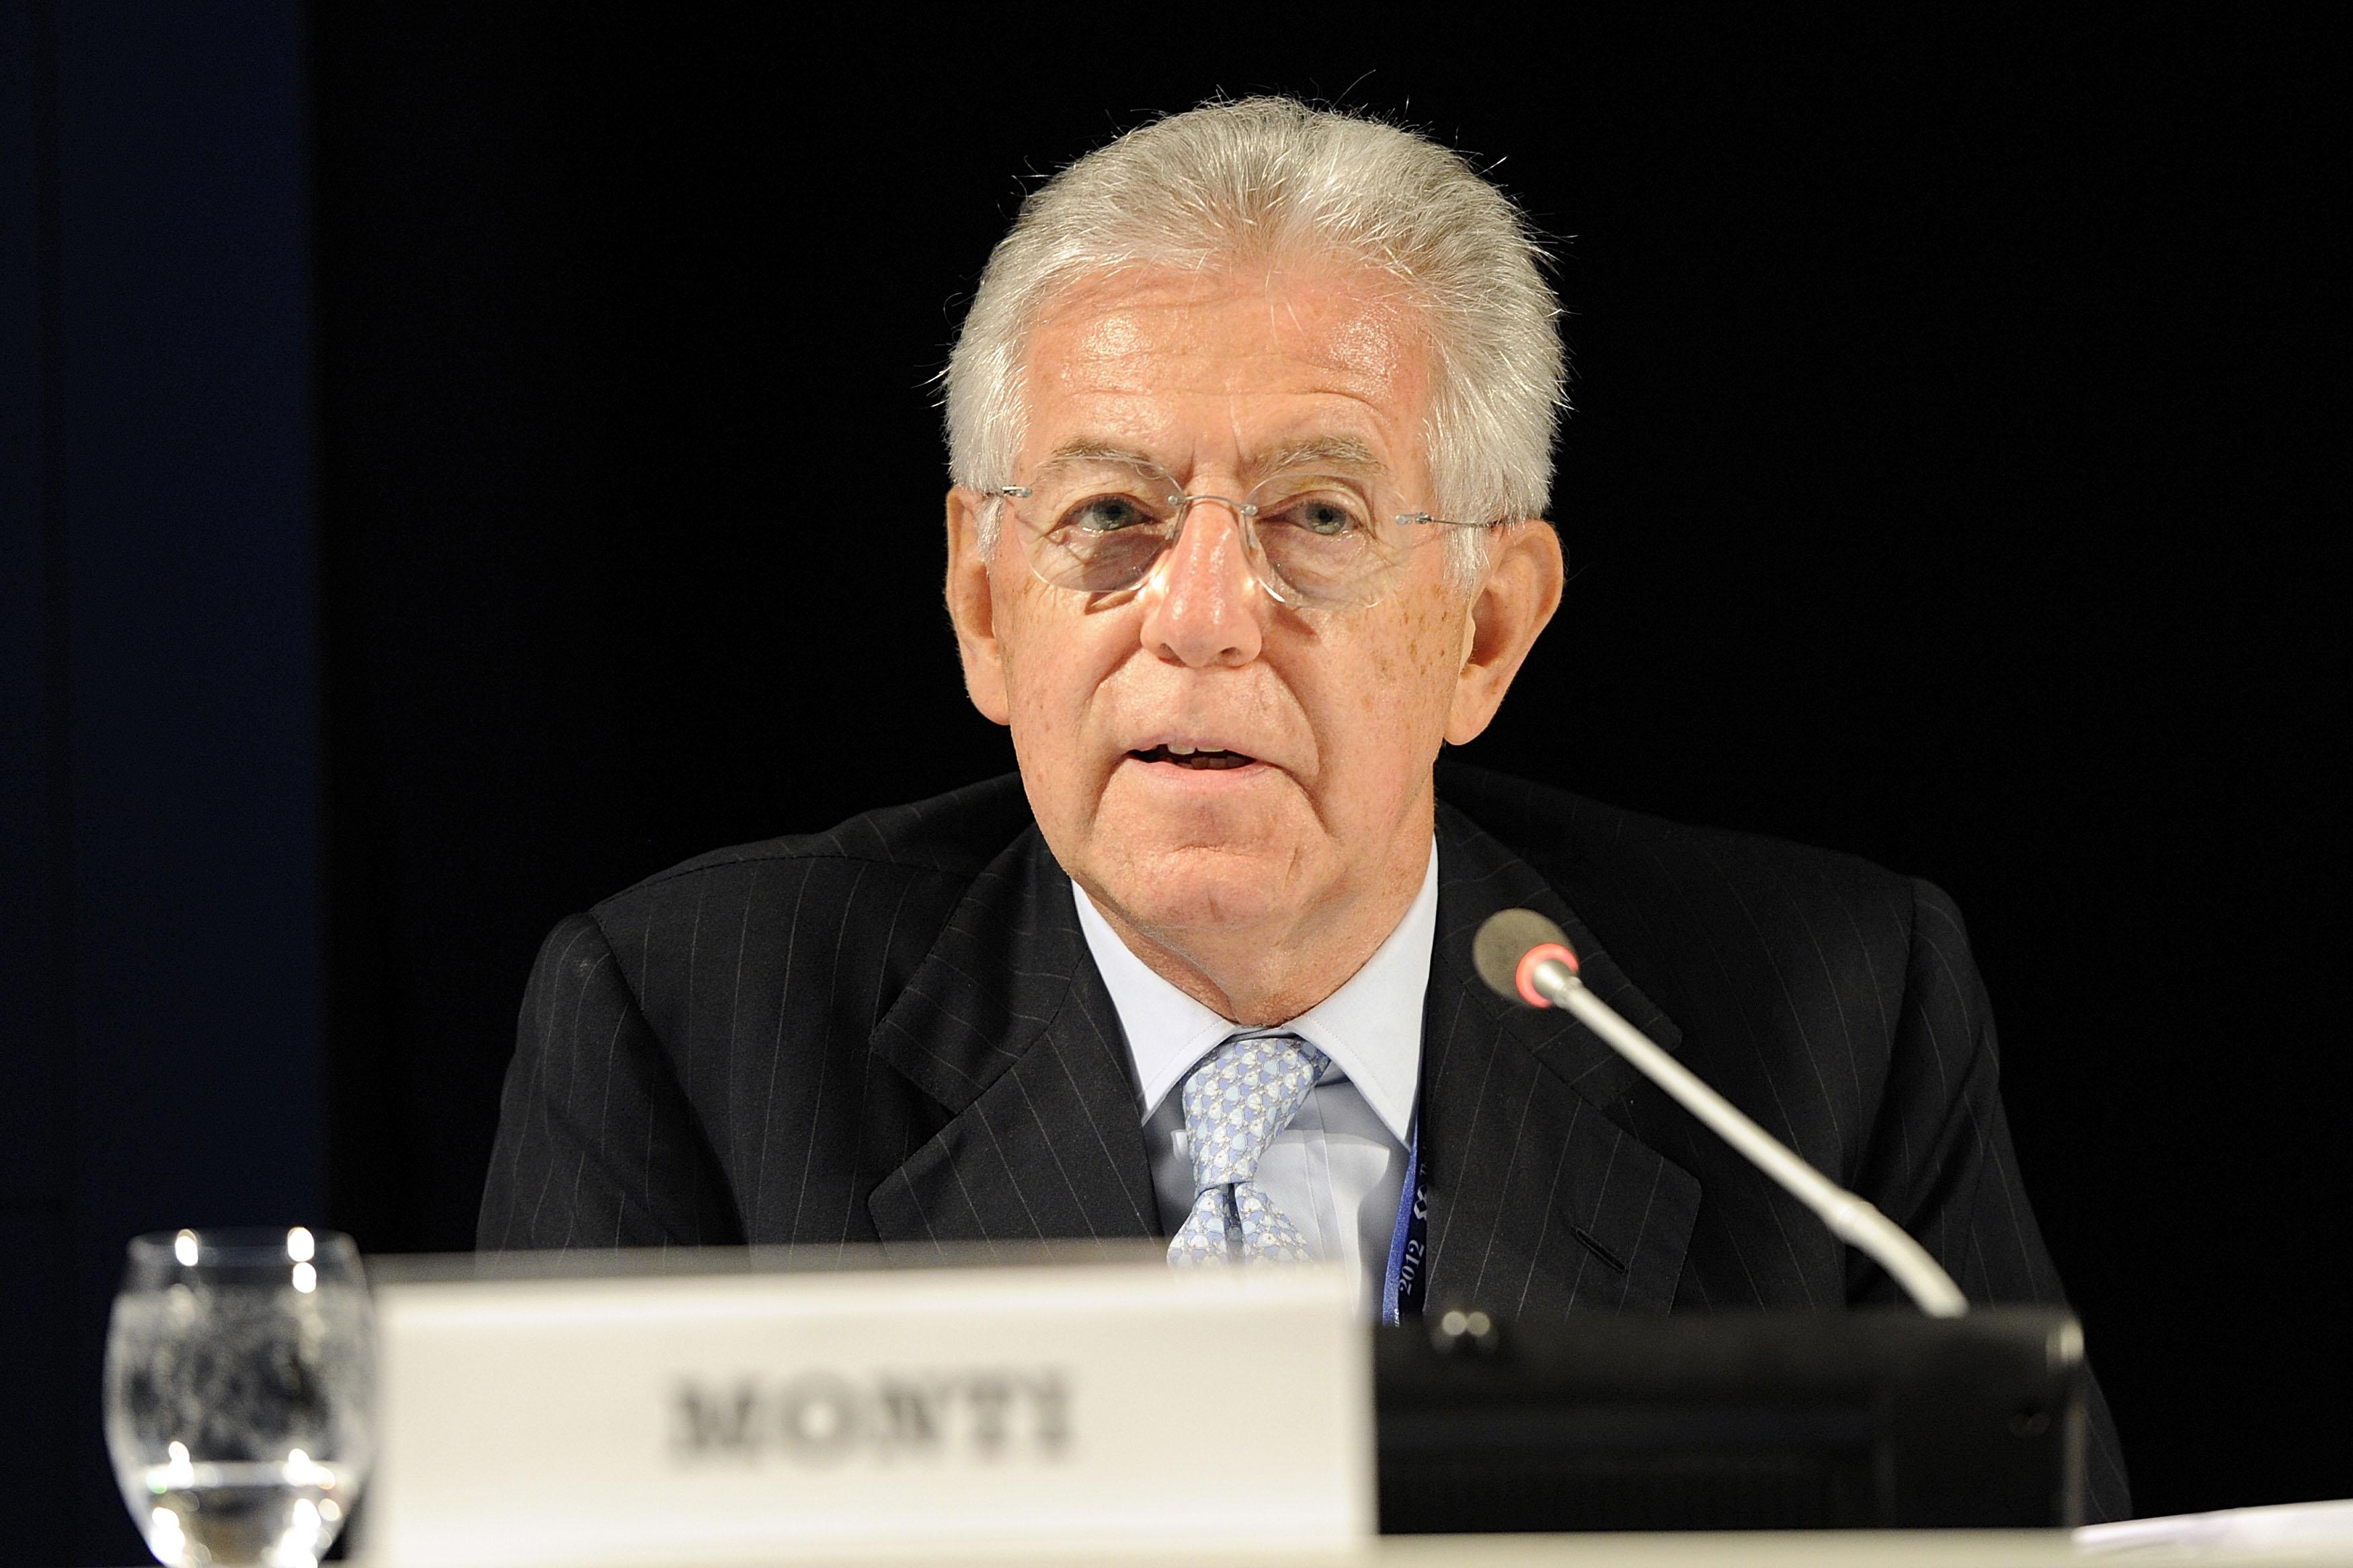 mario monti, primer ministro de italia